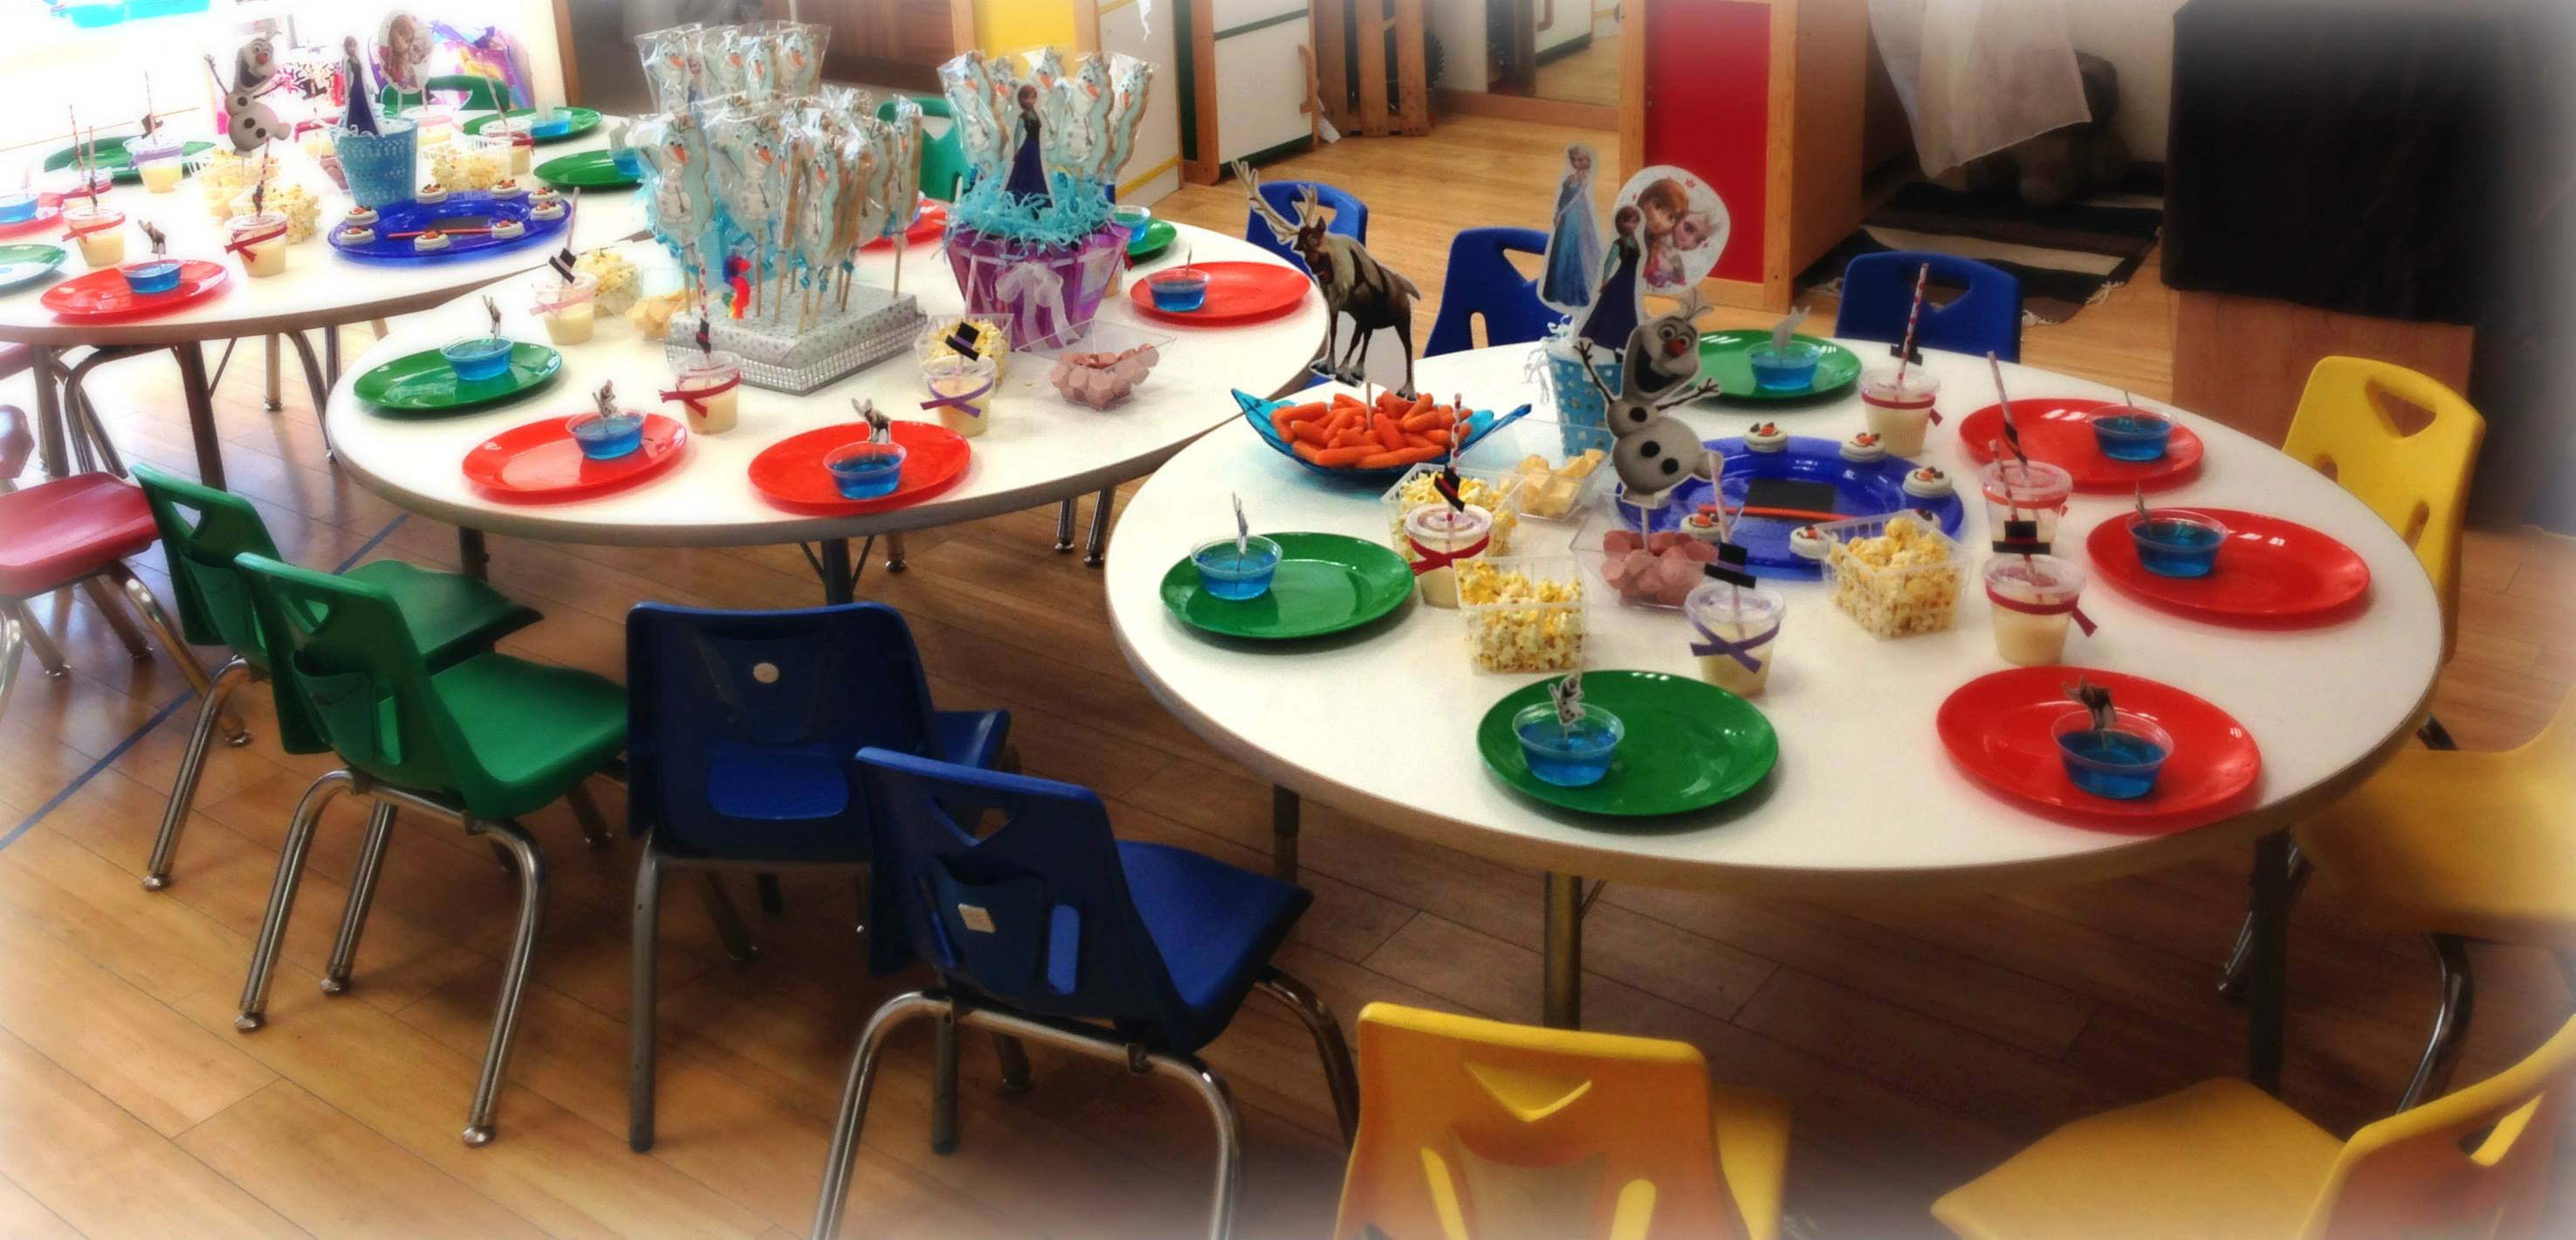 Decoracion de mesa para fiesta en la escuela decoracion for Decoracion escuela